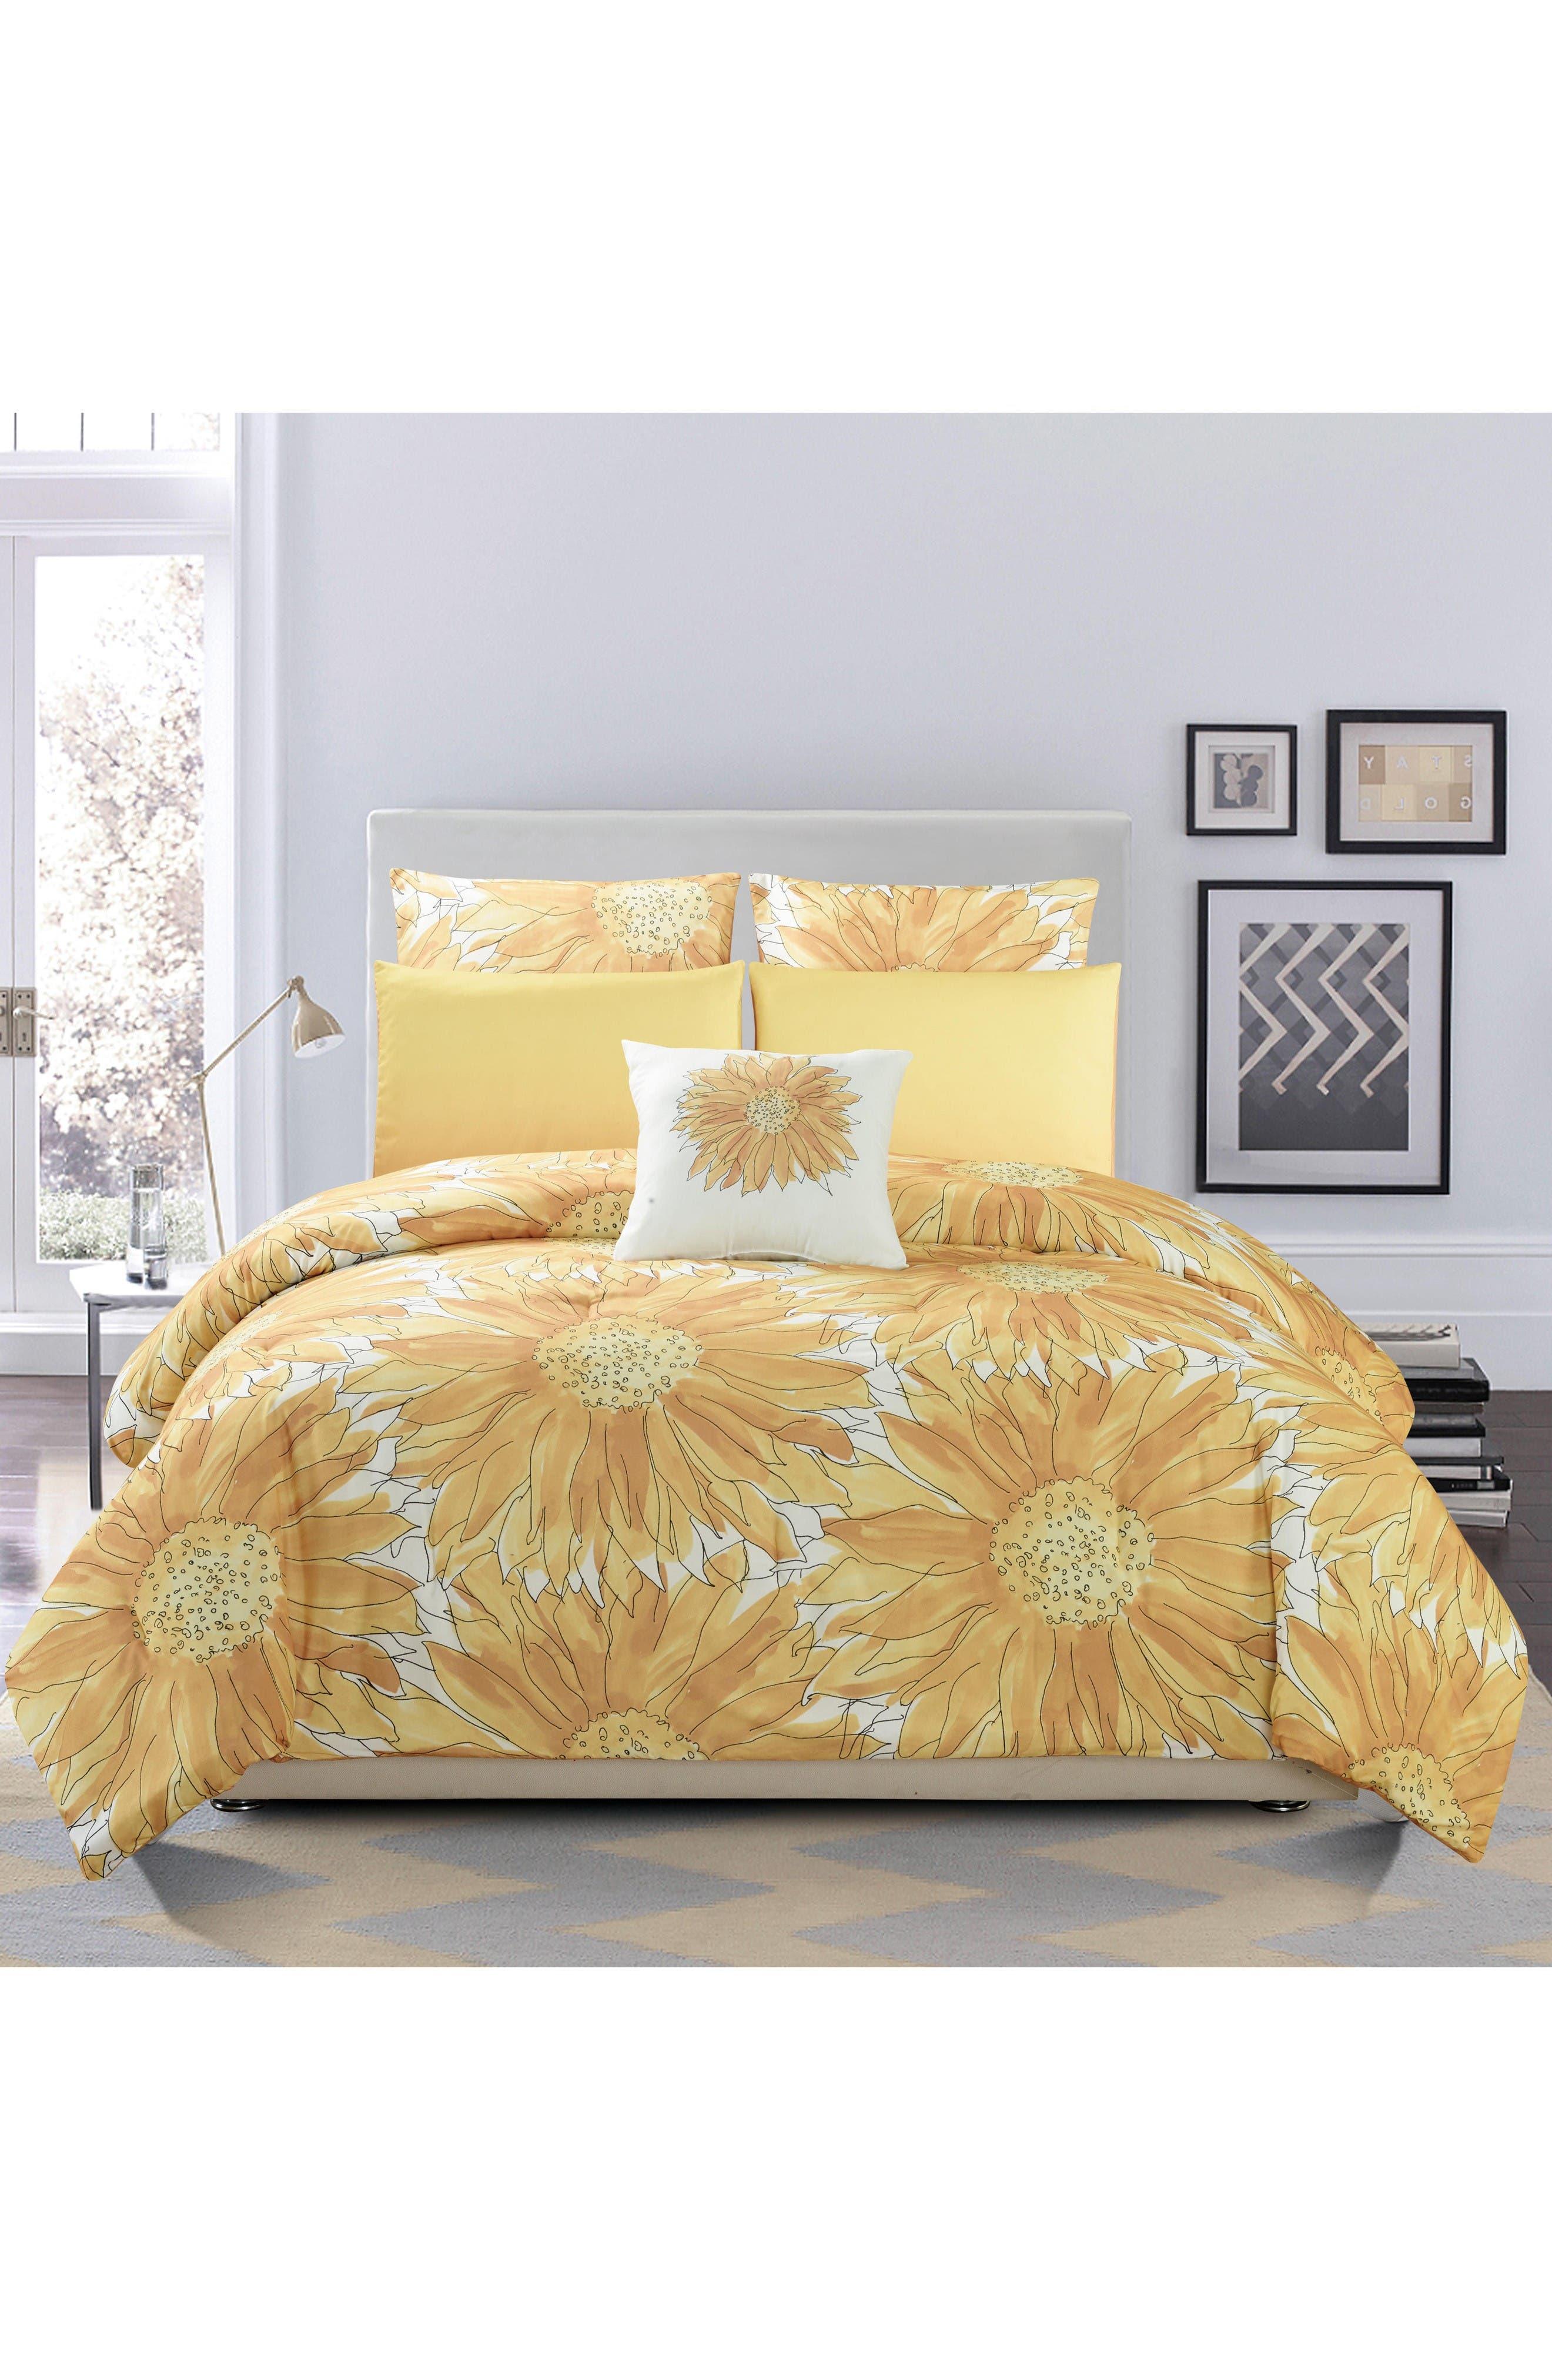 Adelphie 6-Piece Queen Comforter Set,                         Main,                         color, Beeswax